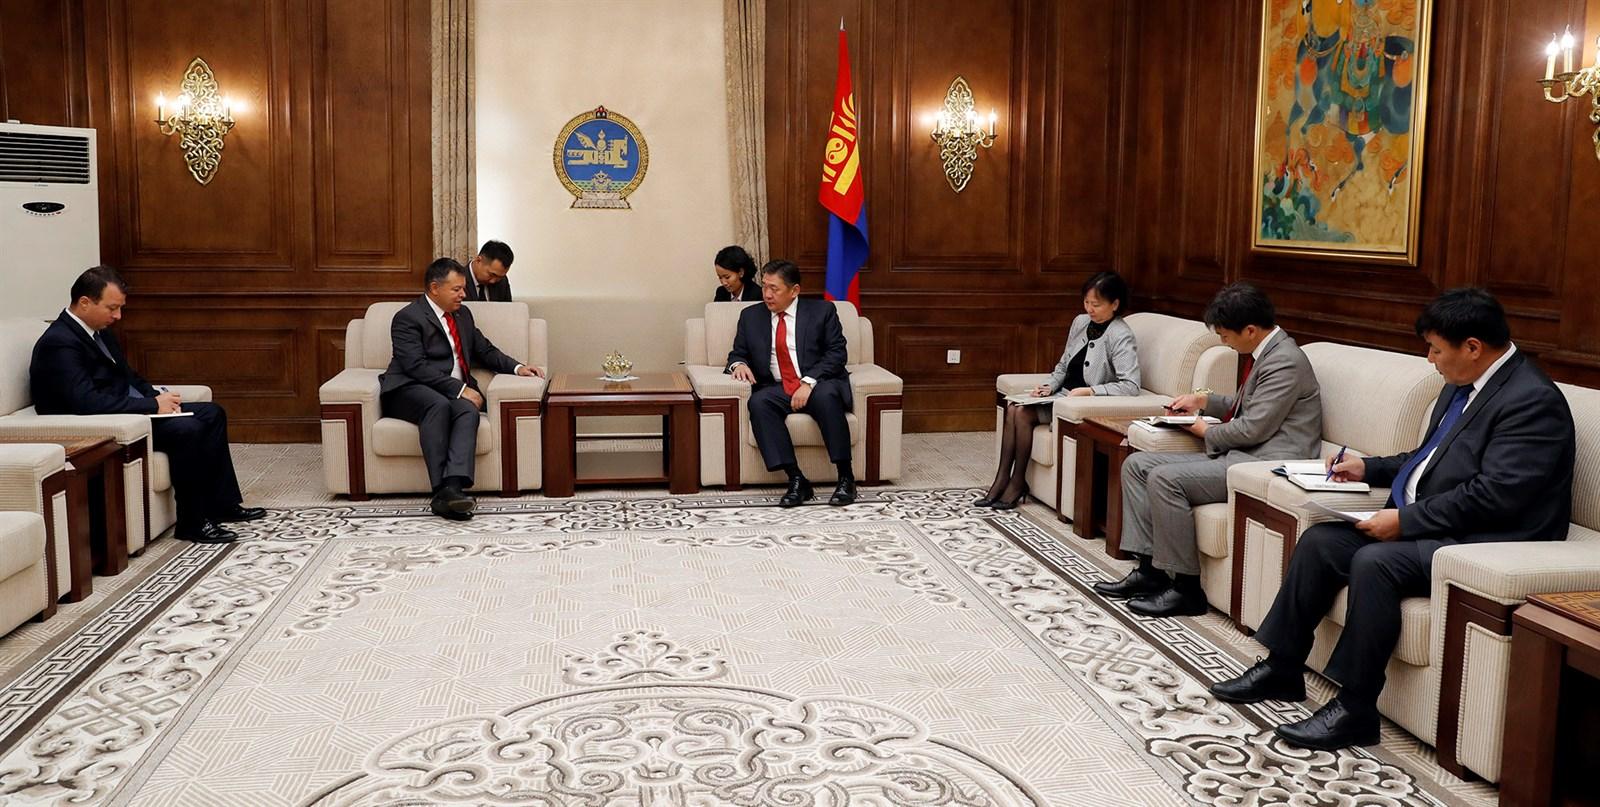 Элчин сайд А.Язал: Монголын талаас Засгийн газрын баталгаа гаргах нь чухал байгаа